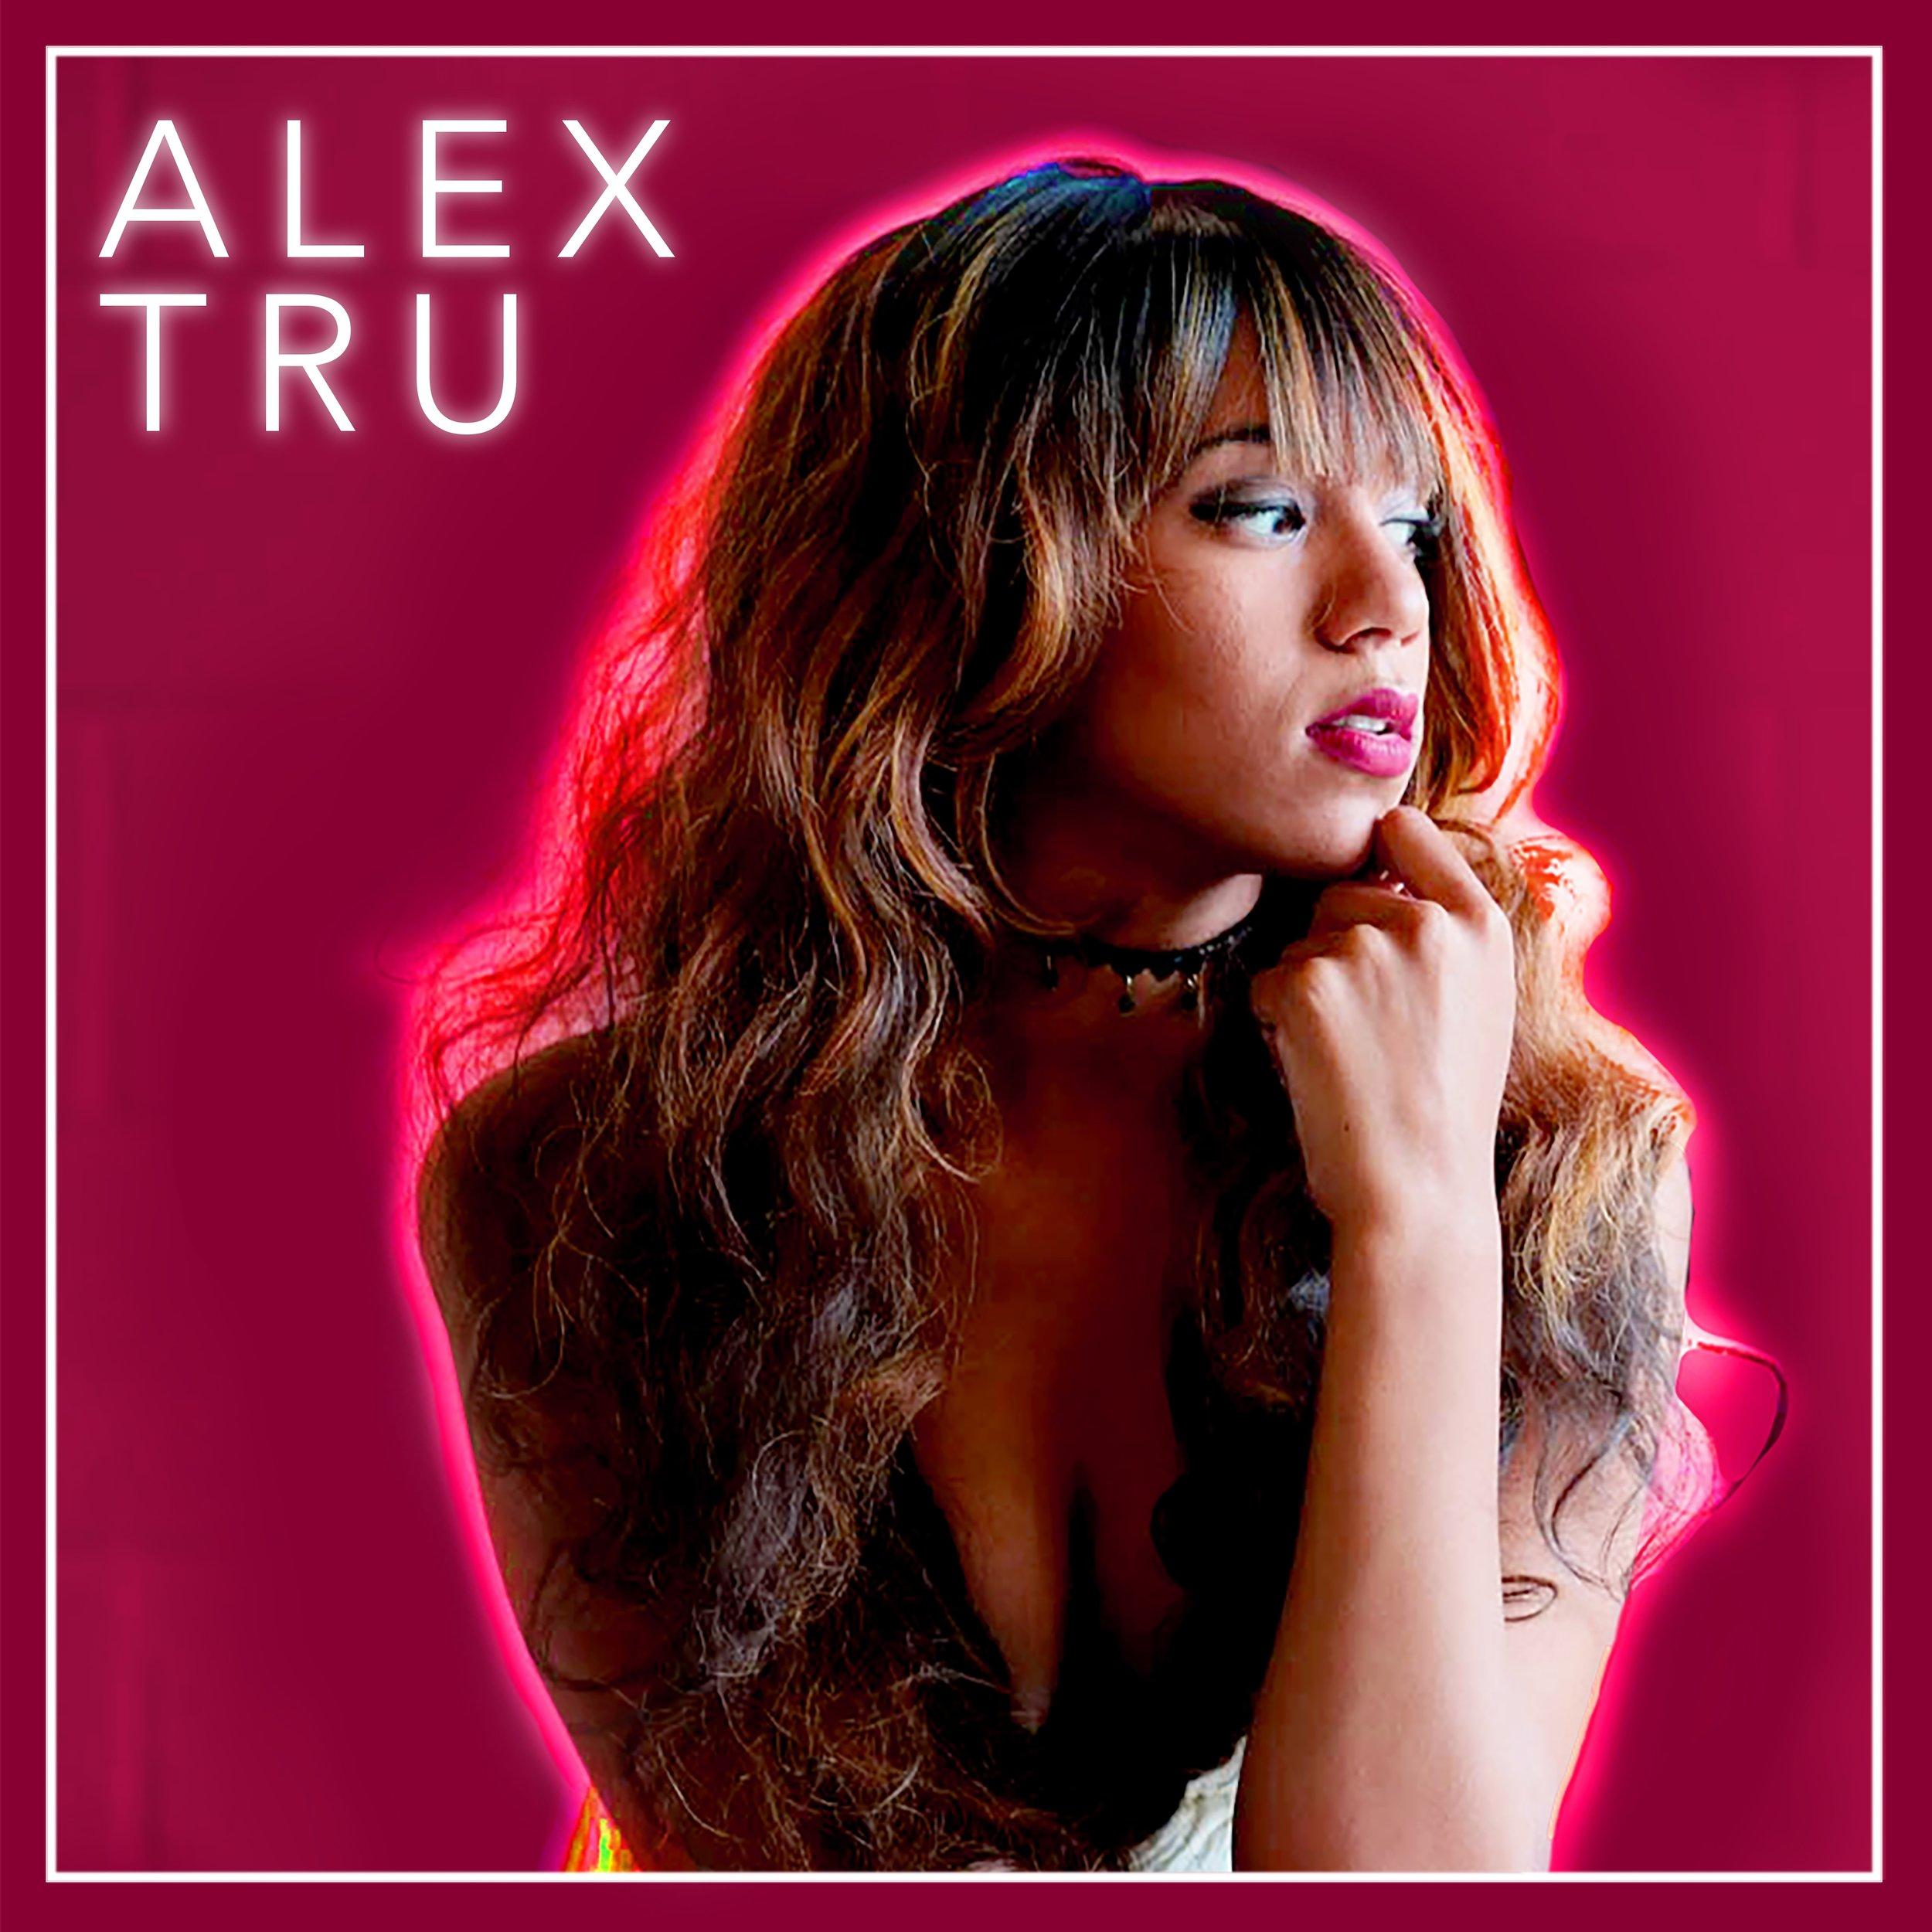 alextru EP cover smaller size copy.jpg